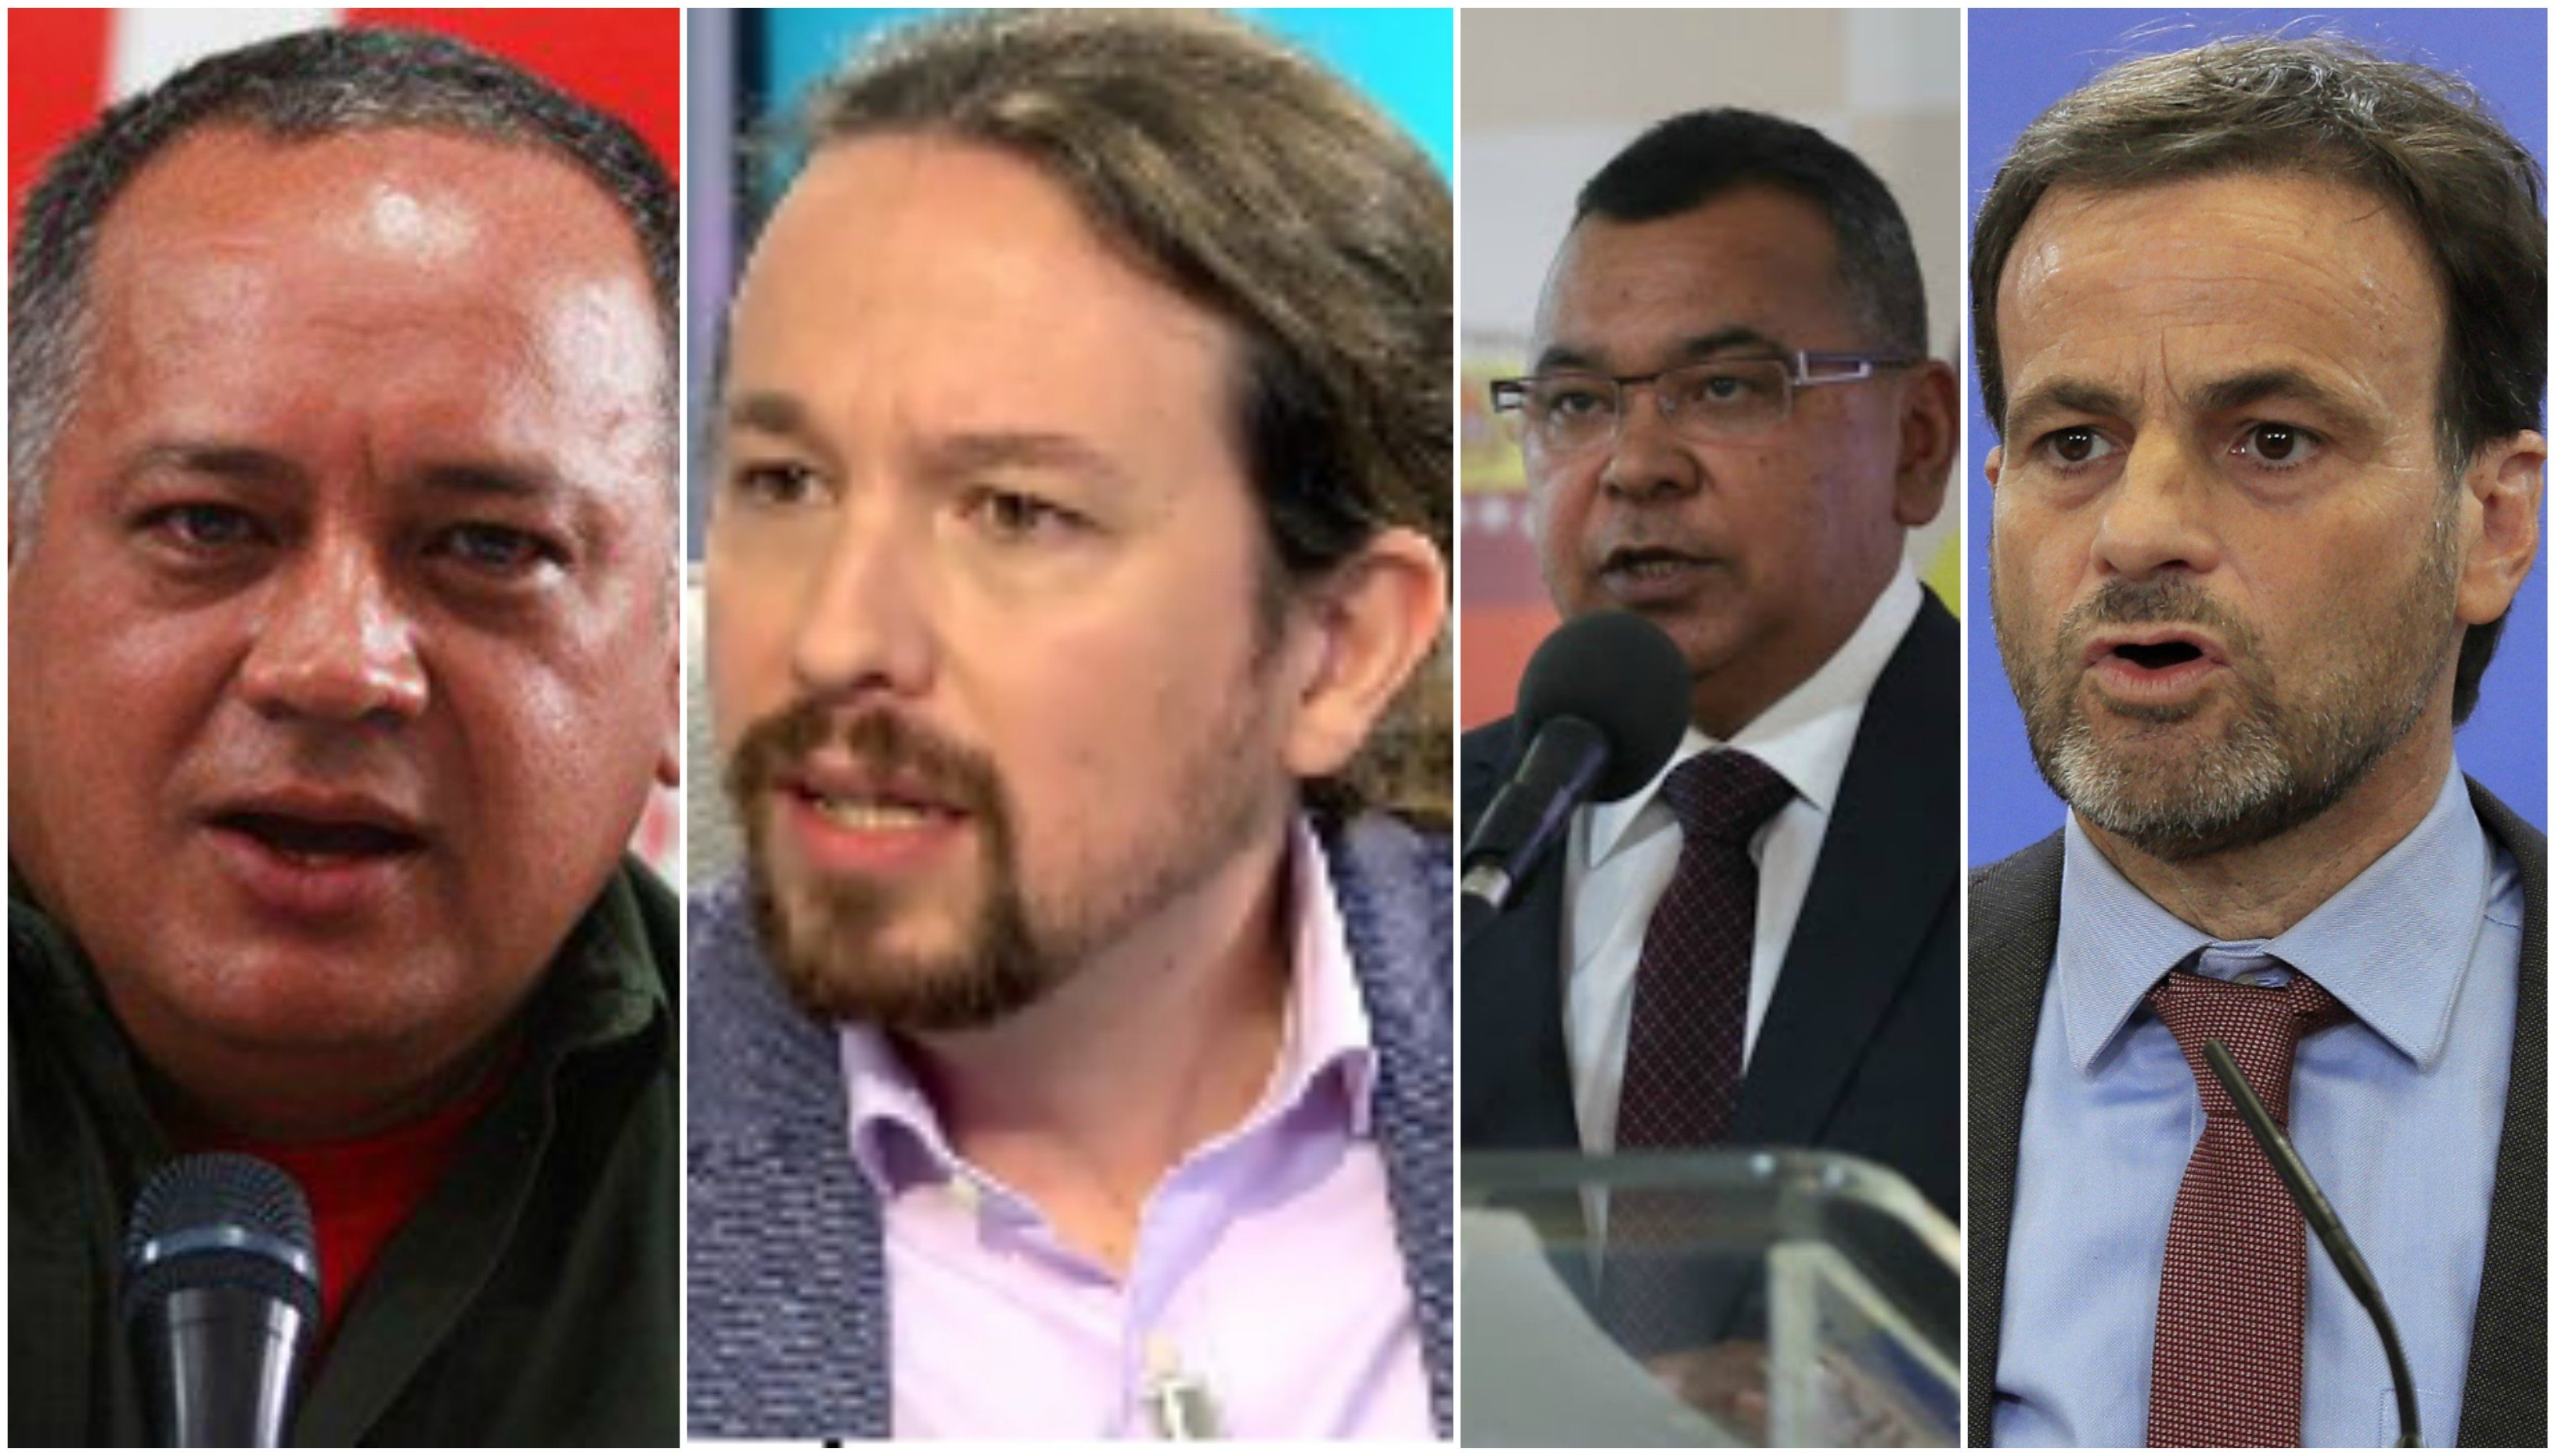 Diosdado Cabello, Pablo Iglesias, Nestor Luis Reverol y Jaume Asens